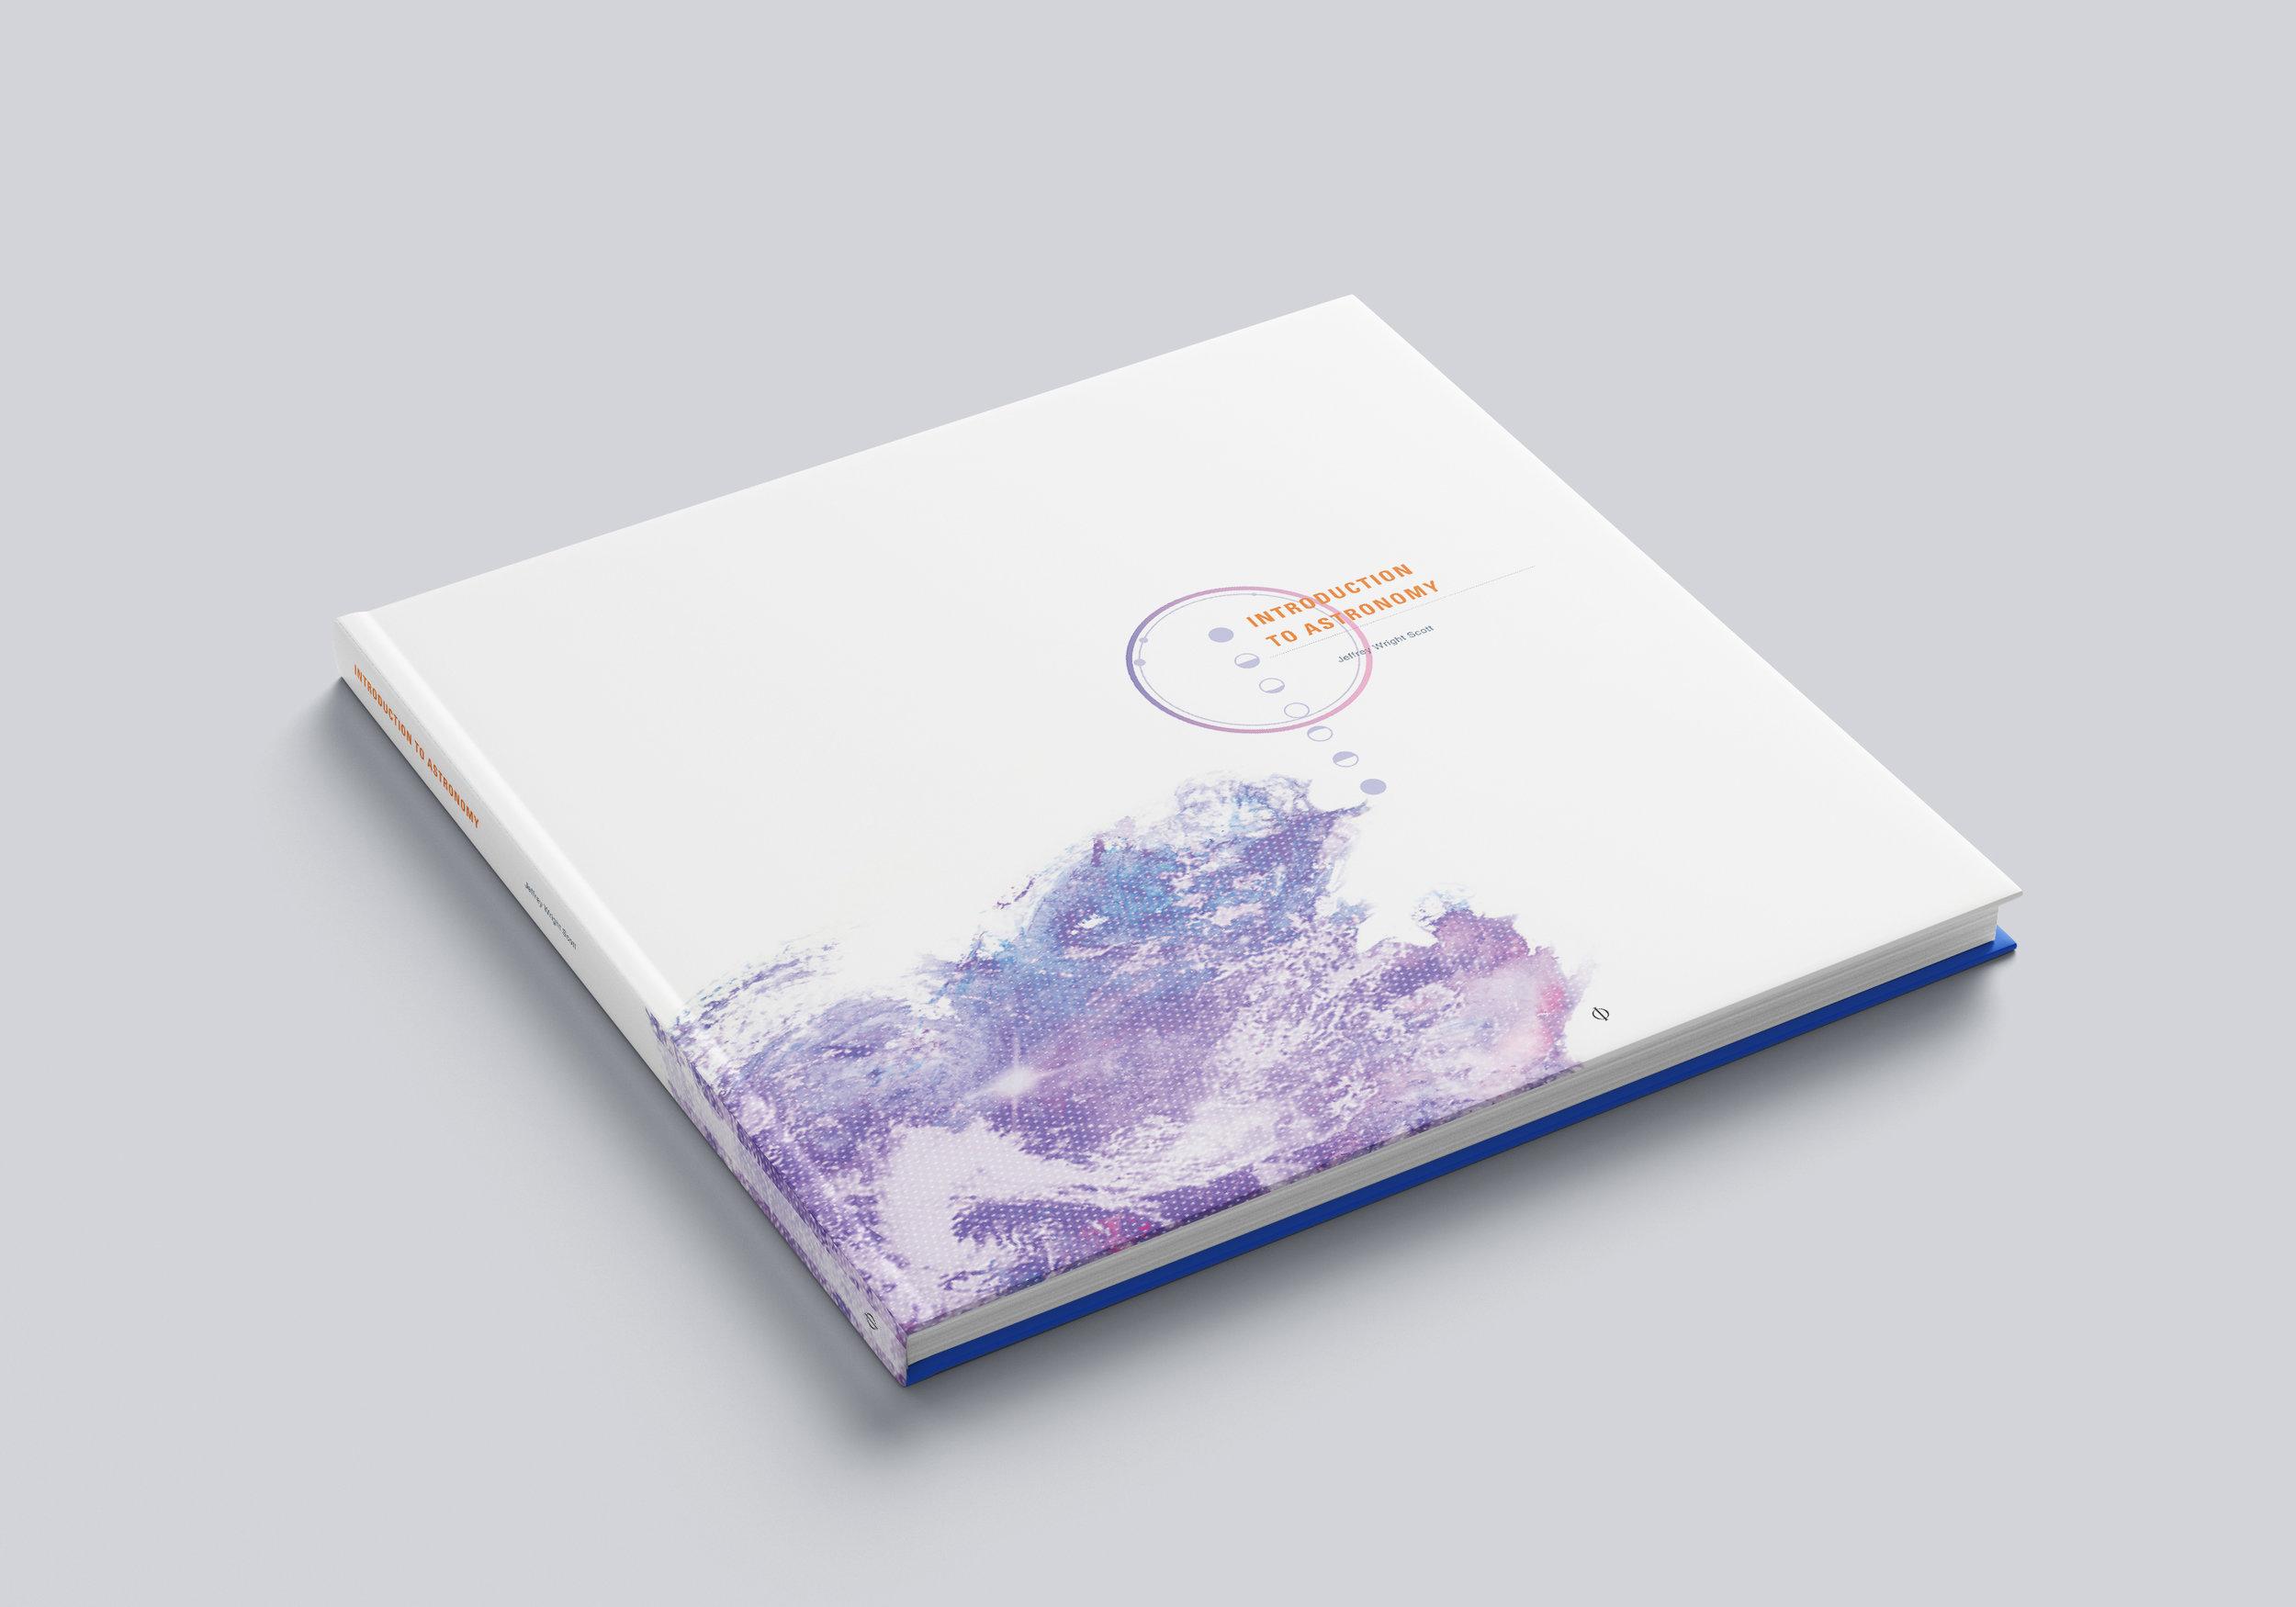 Square_Book_Mockup_1.jpg